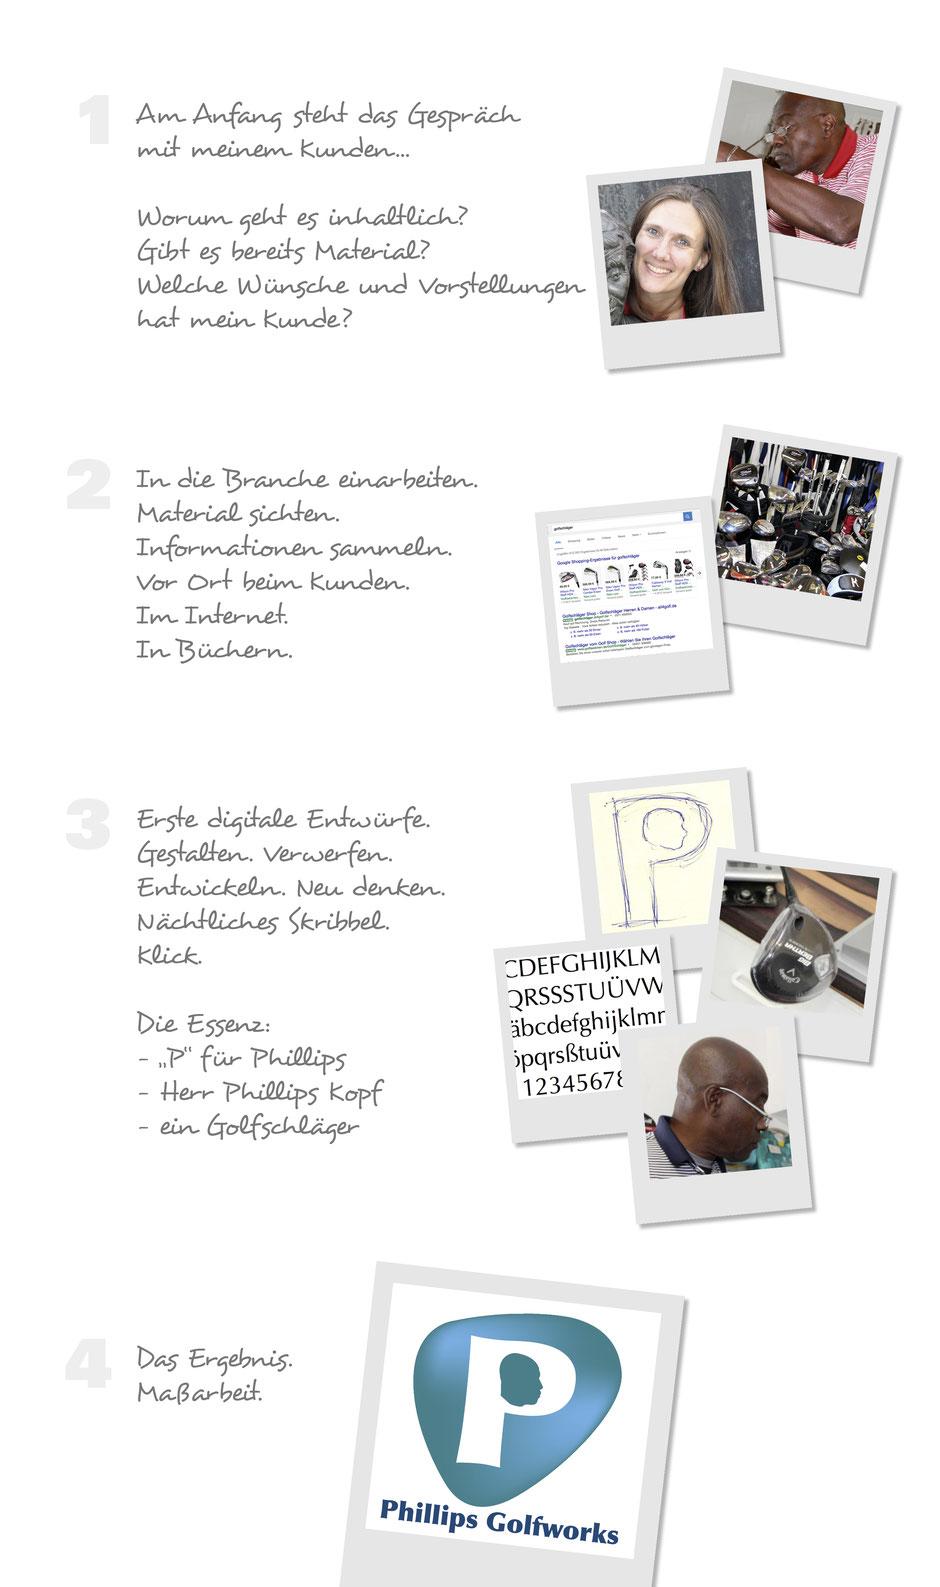 Erklärung und Arbeitsablauf zur Entstehung eines Logos von Funkenflug Design Münster.